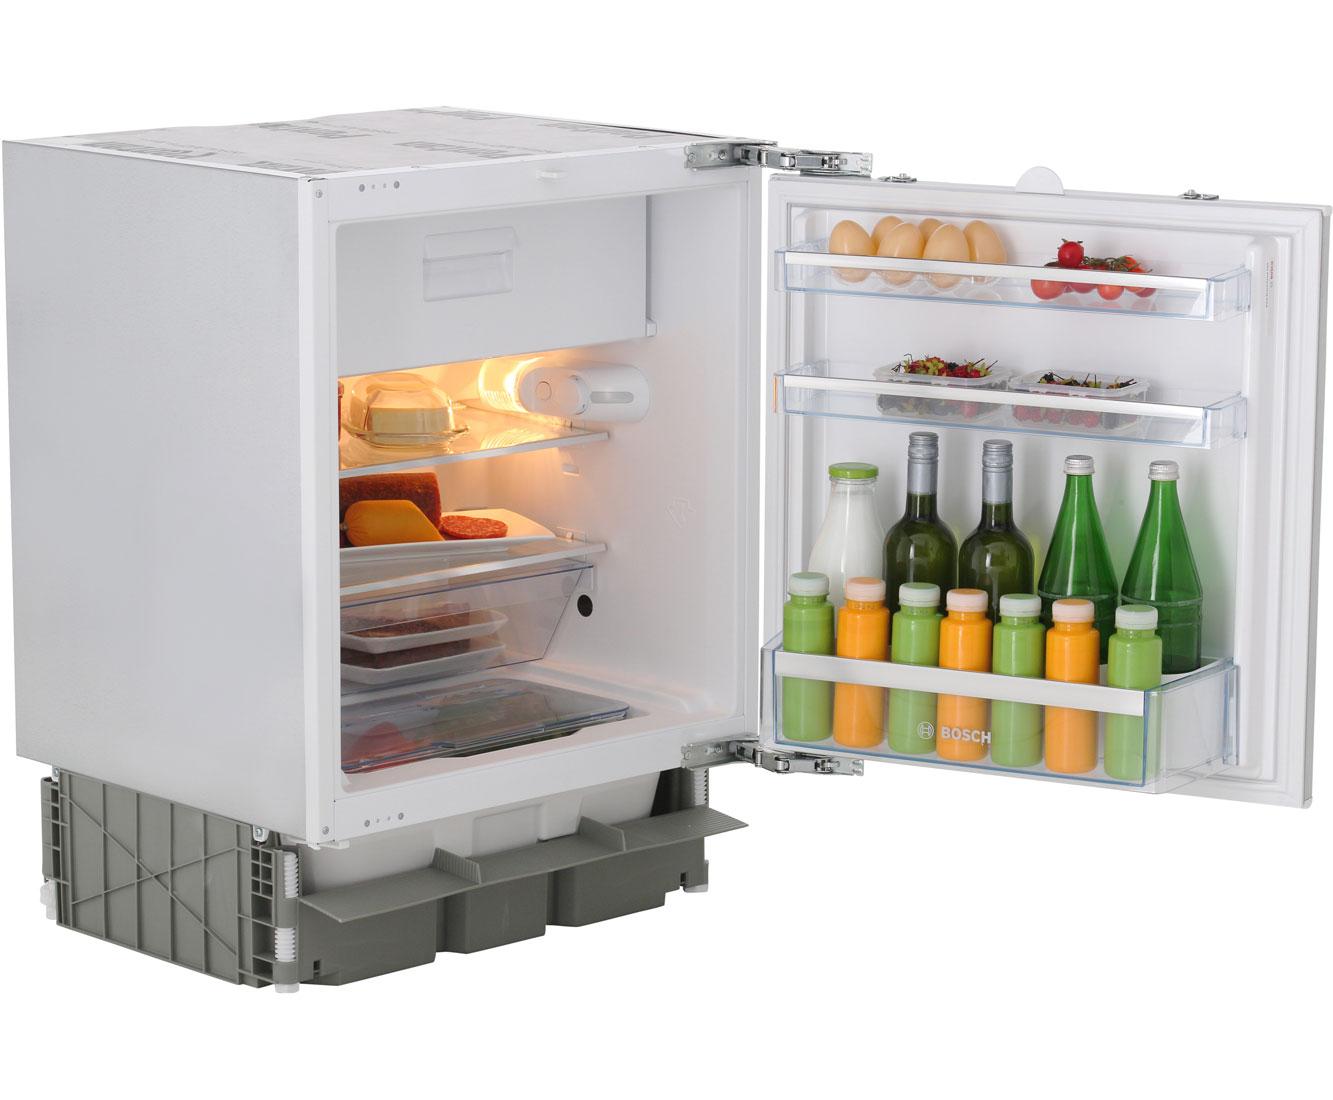 Bosch Kühlschrank Temperaturanzeige : Bosch serie kul a einbau kühlschrank mit gefrierfach er